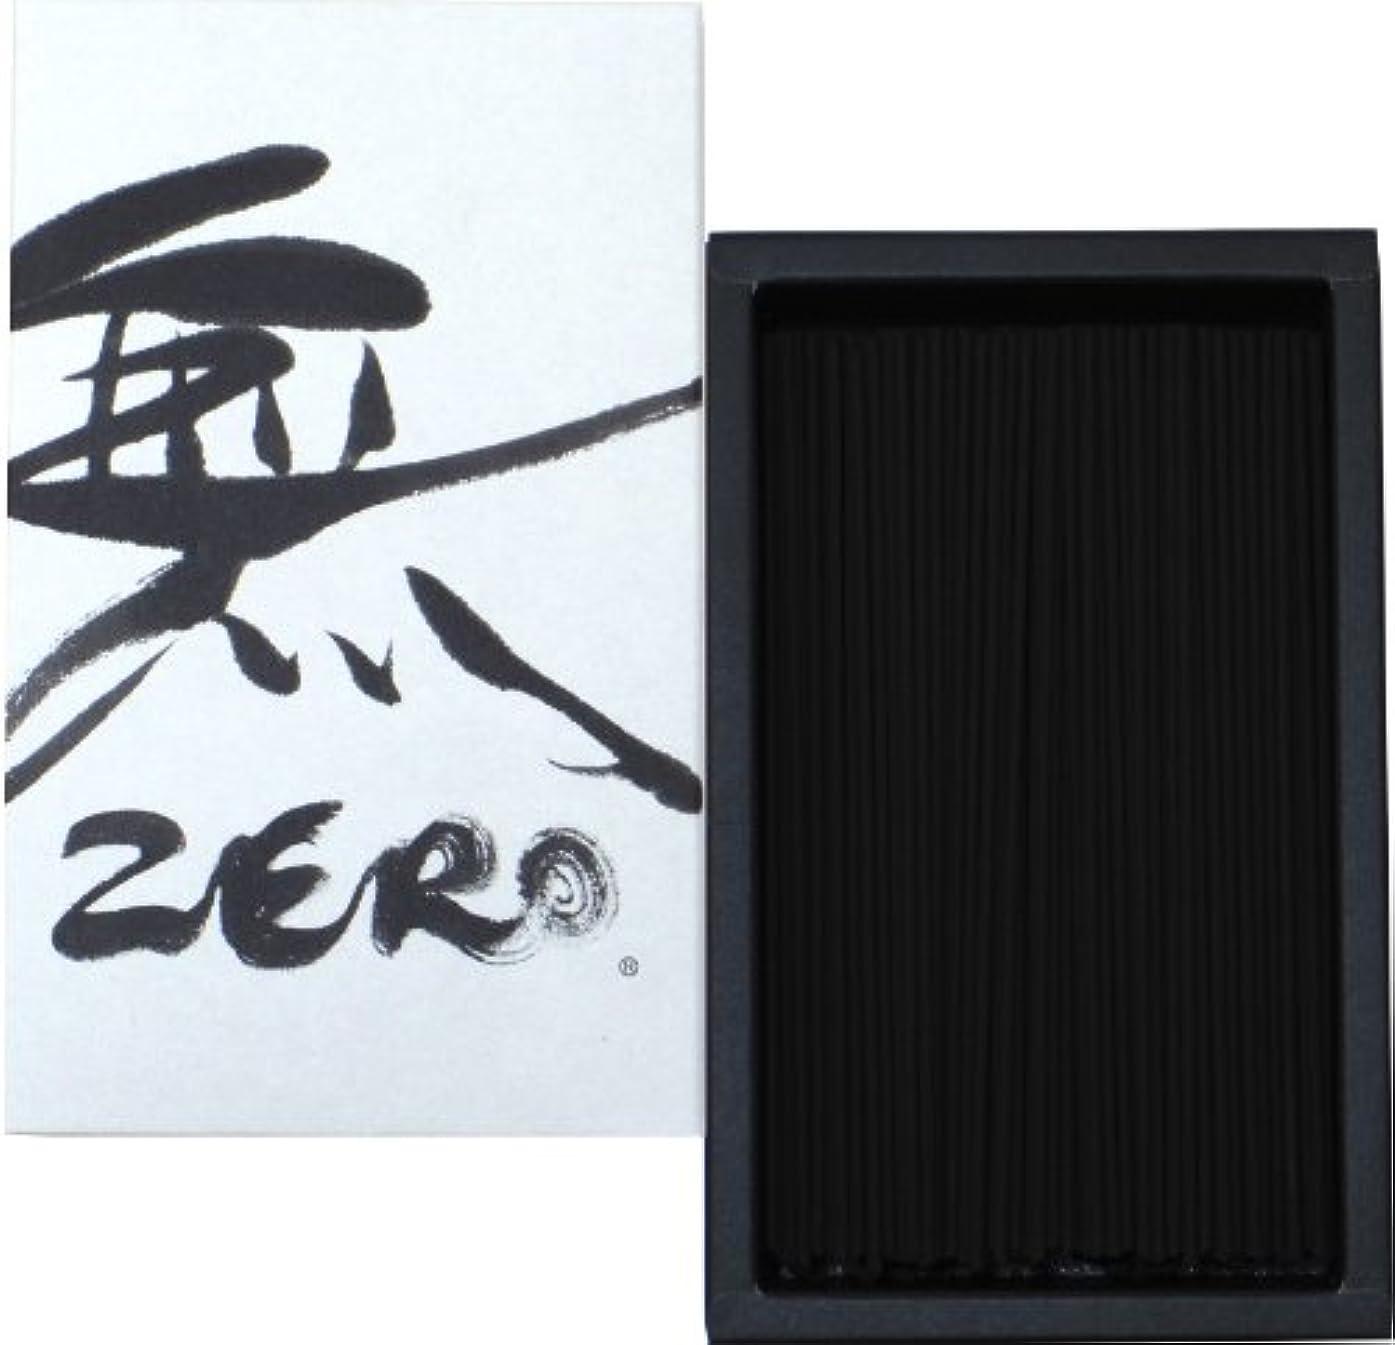 ナプキンホールフィドル丸叶むらたのお線香 無 ZERO(ゼロ)大バラ 約160g #ZR-01